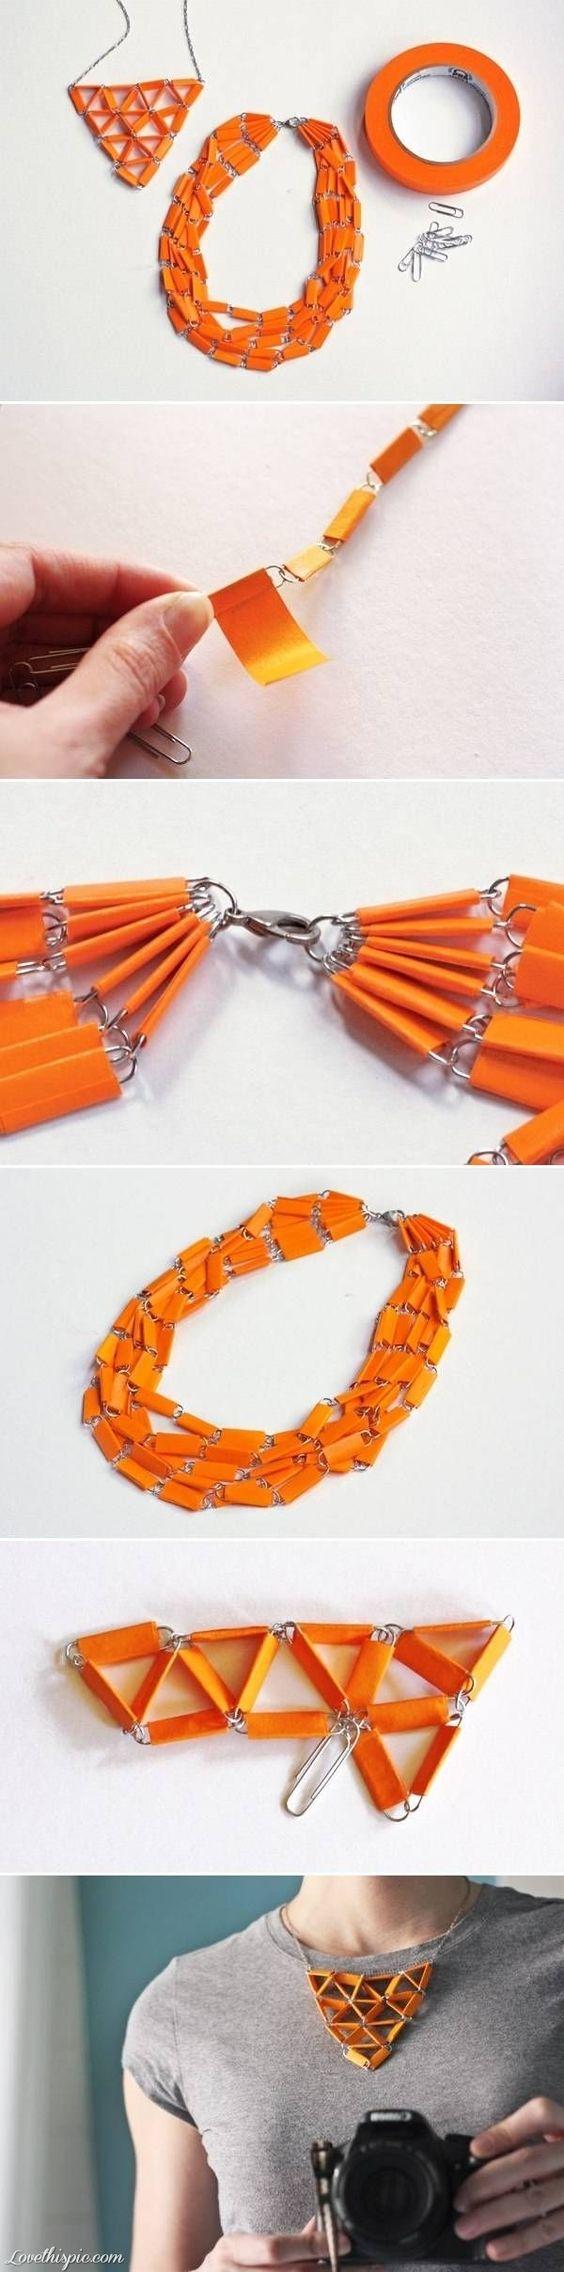 DIY Paper Clip Necklace diy crafts craft ideas easy crafts diy ideas crafty easy diy diy jewelry craft necklace diy necklace jewelry diy: